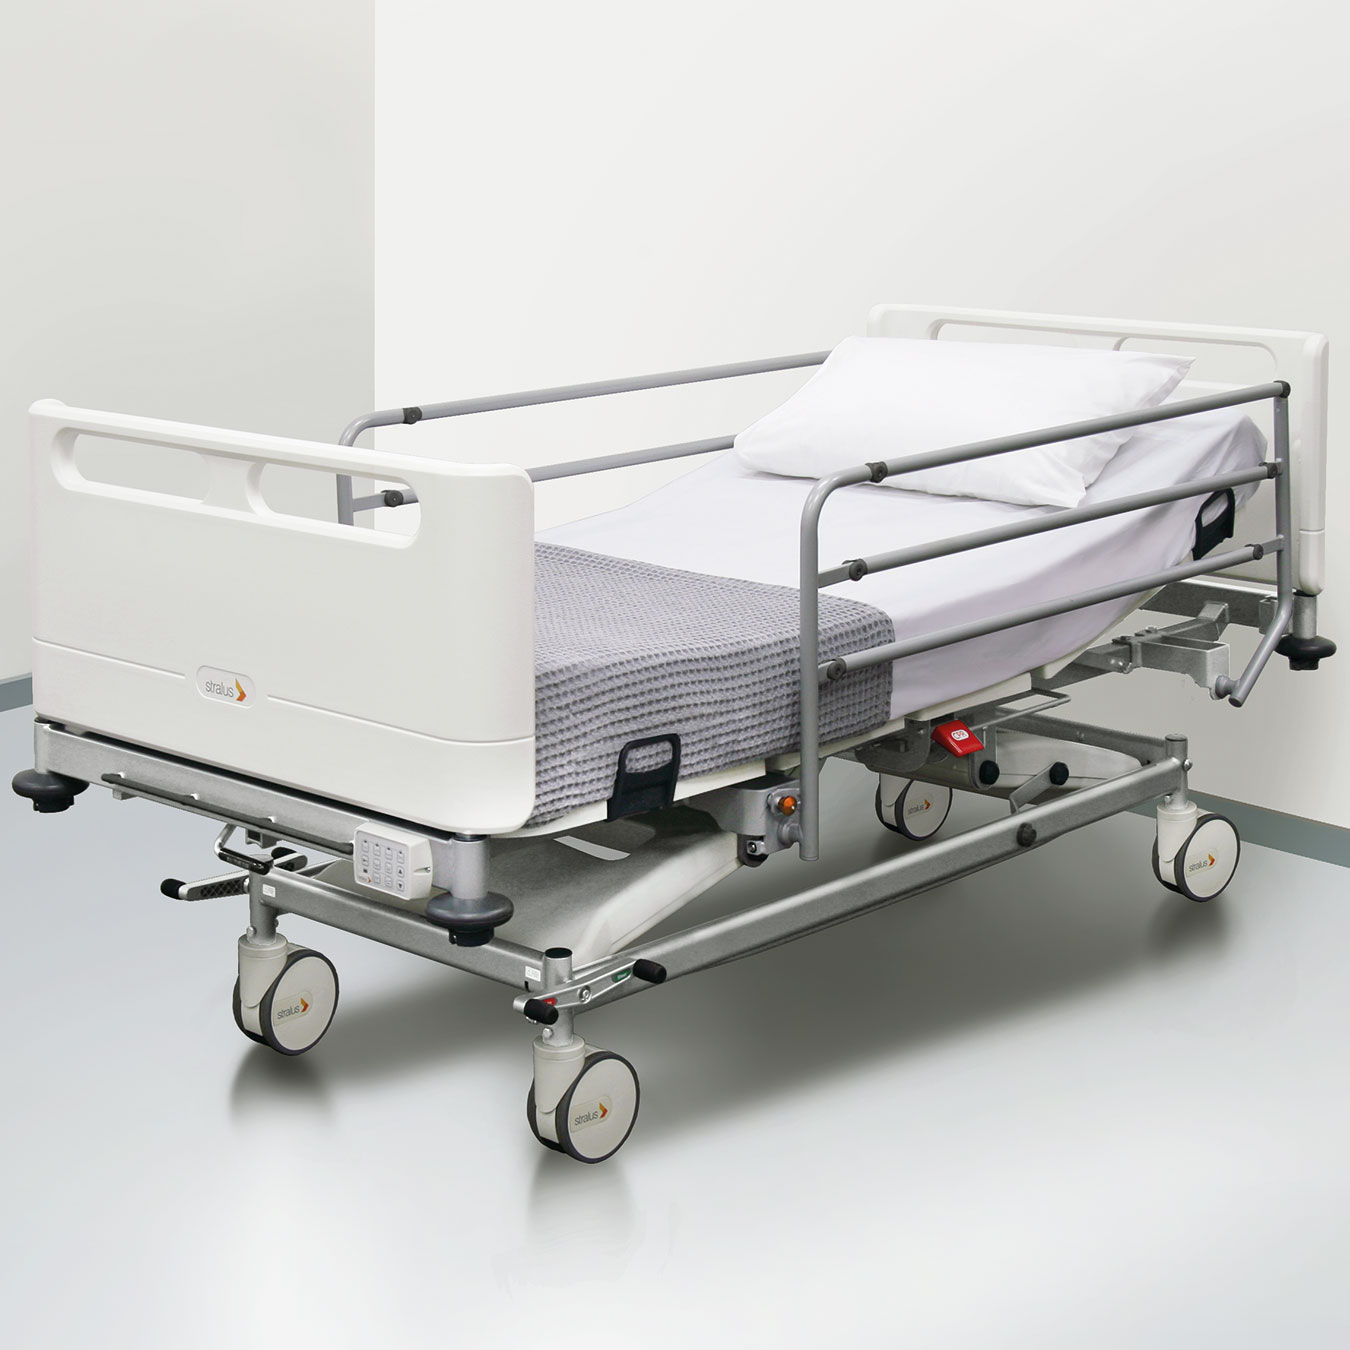 STRWARDC210-Stralus-C210-Acute-Care-Bed-Image-File-1_v1